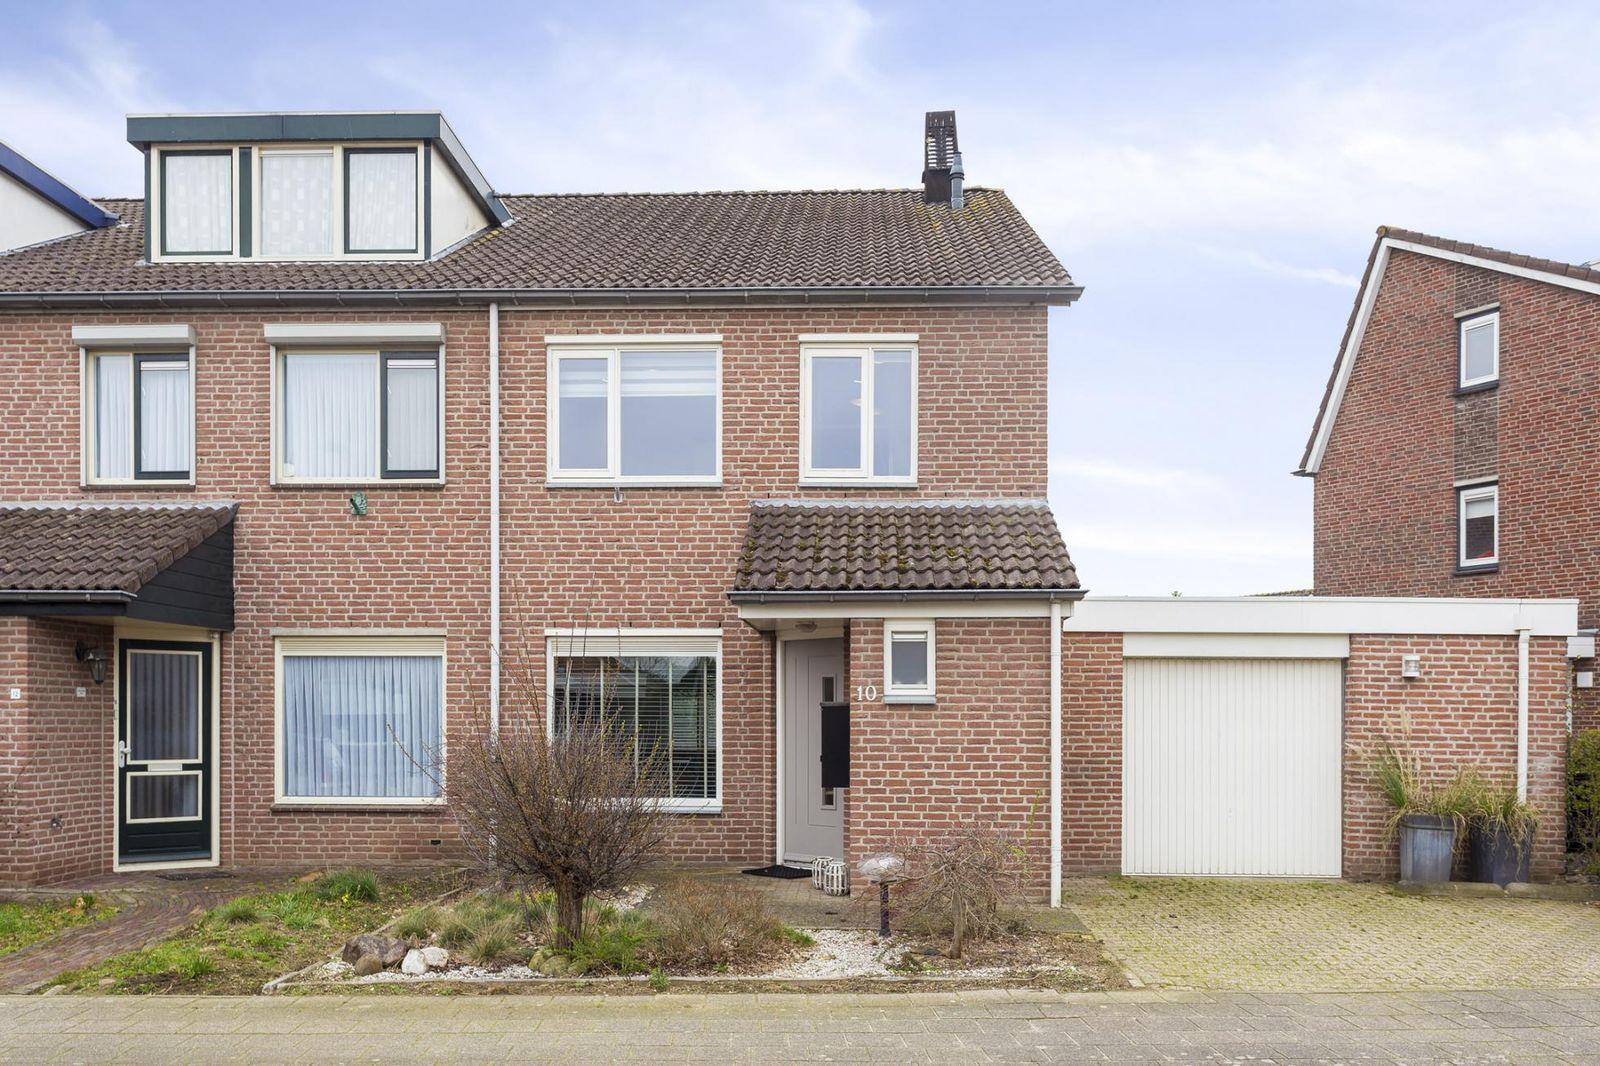 Van Rooijenstraat 10, Driel